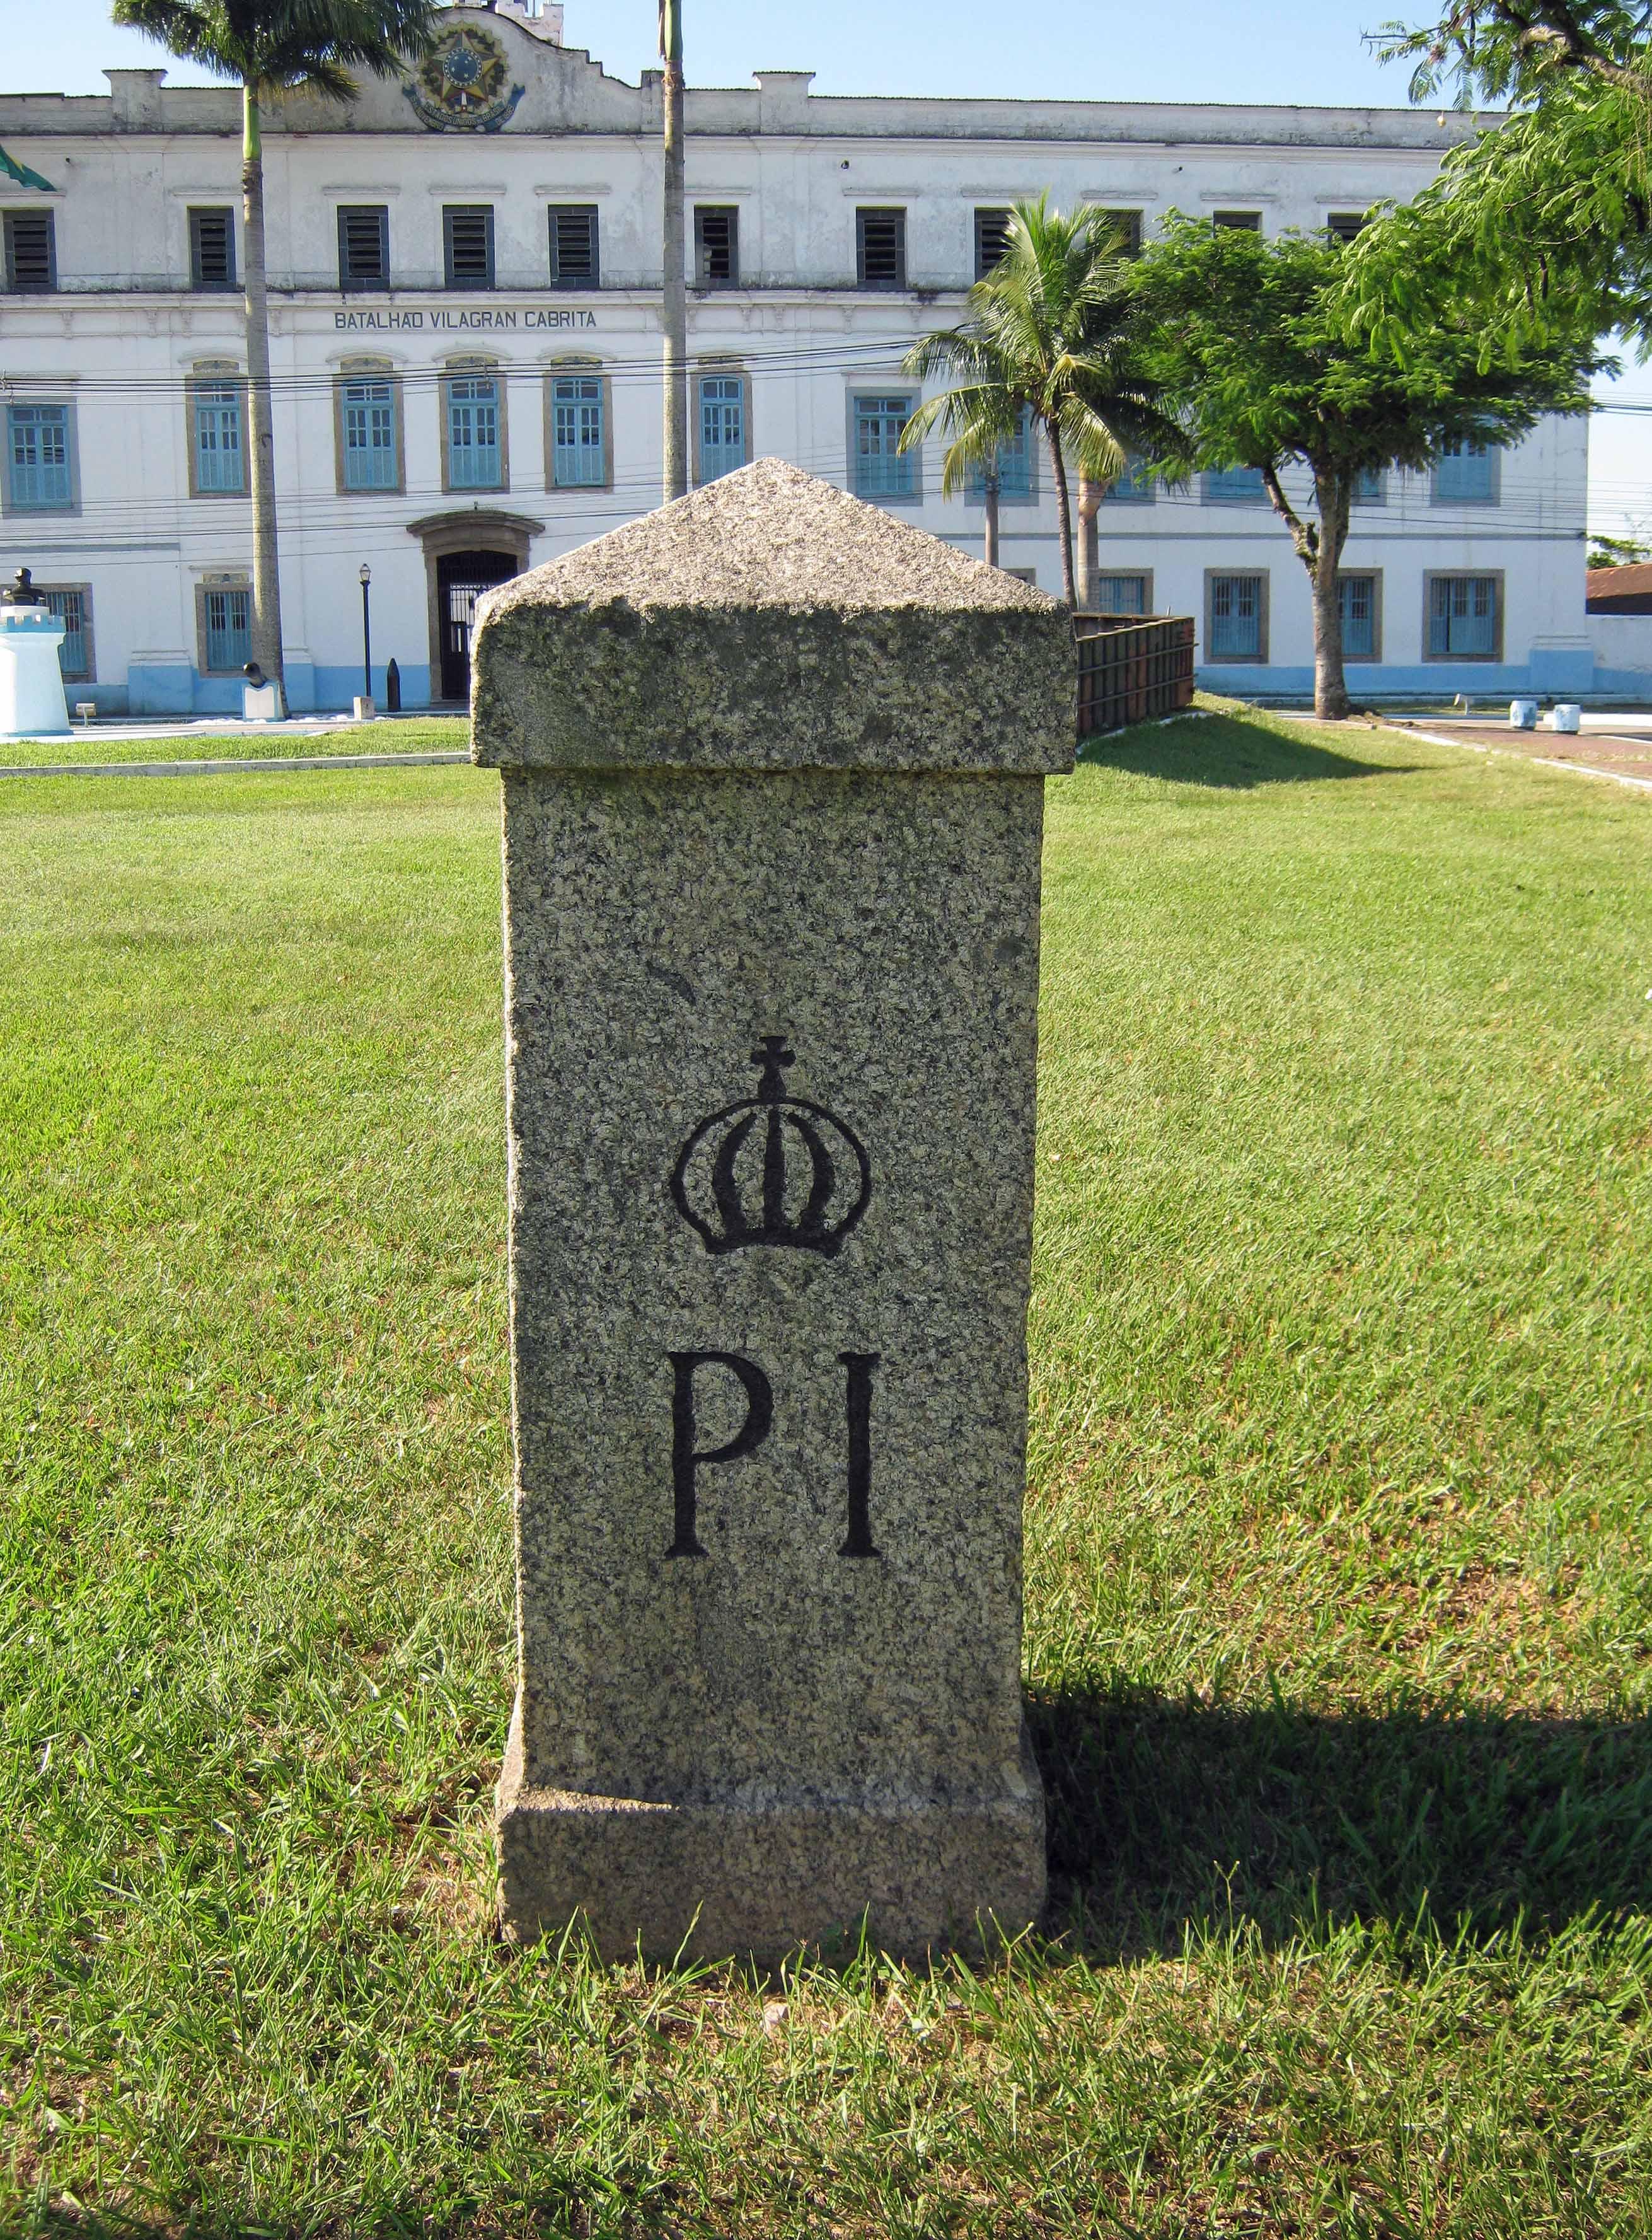 File:Marco da Fazenda Imperial de Santa Cruz.jpg - Wikimedia Commons